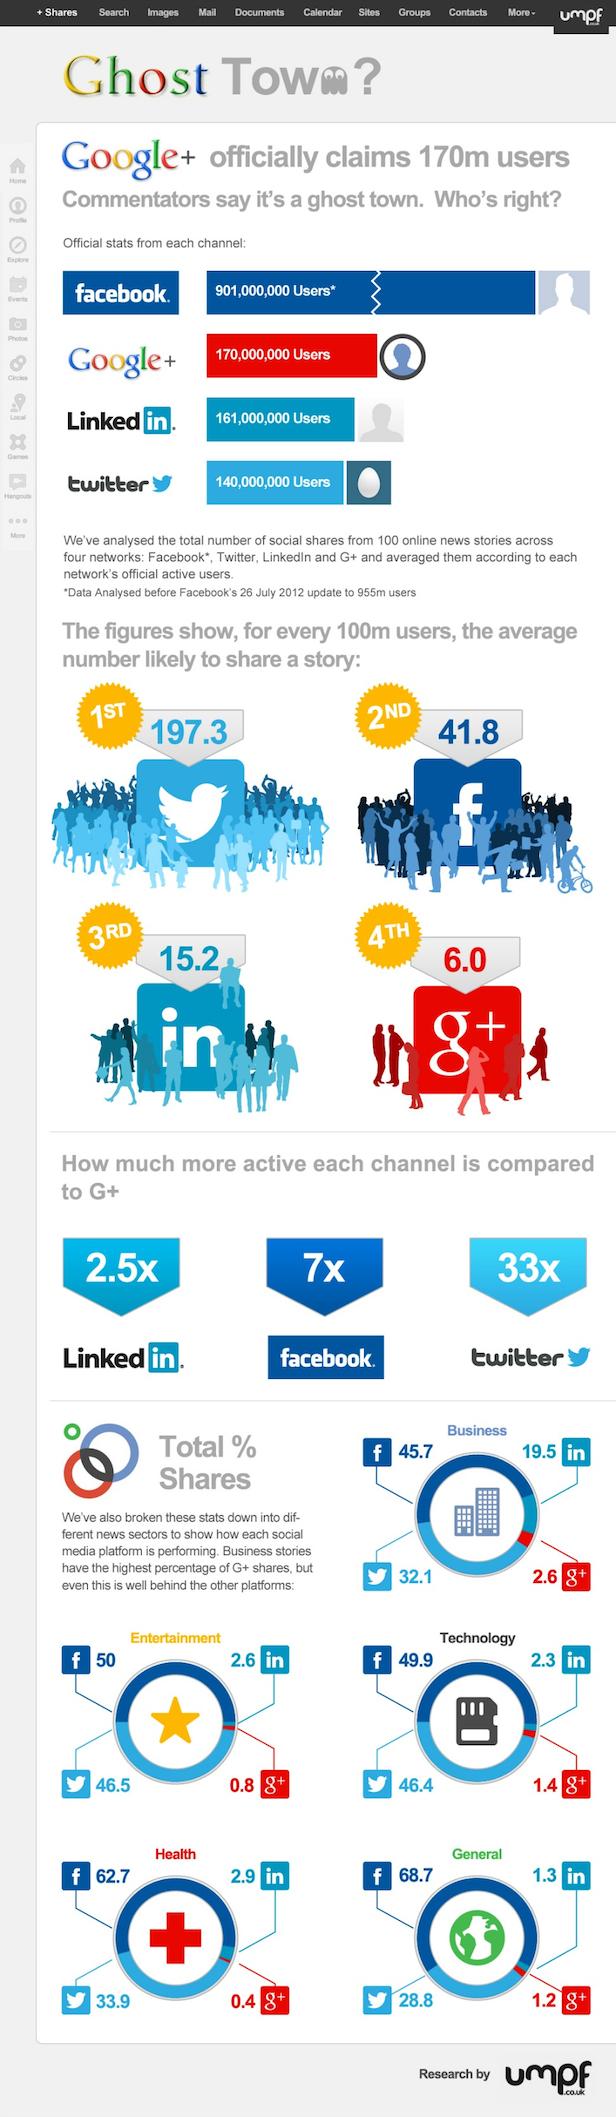 Google+ wordt veelal omschreven als een spookstad: veel ingeschreven leden, weinig activiteit. Dat blijkt ook uit recente studies: van de 100 miljoen gebruikers, delen er maar zes miljoen hun berichten. Bij Twitter en Facebook is de interactie veel groter. Conclusie: Google heeft een enorm sociaal netwerk, maar het wordt niet echt gebruikt.